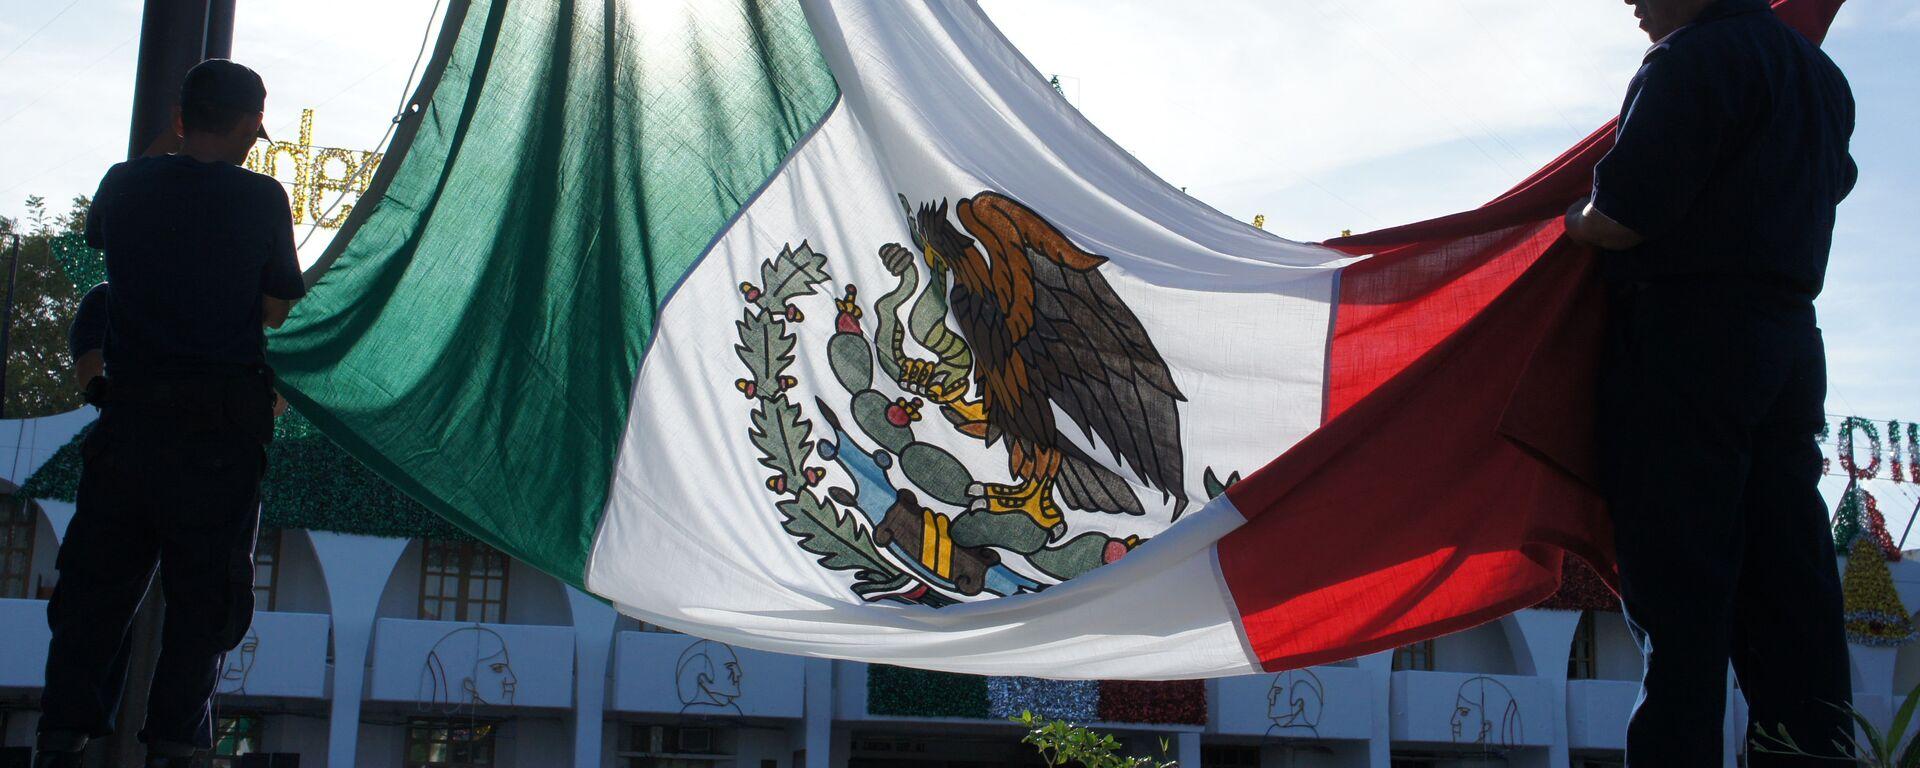 La bandera de México - Sputnik Mundo, 1920, 08.08.2019